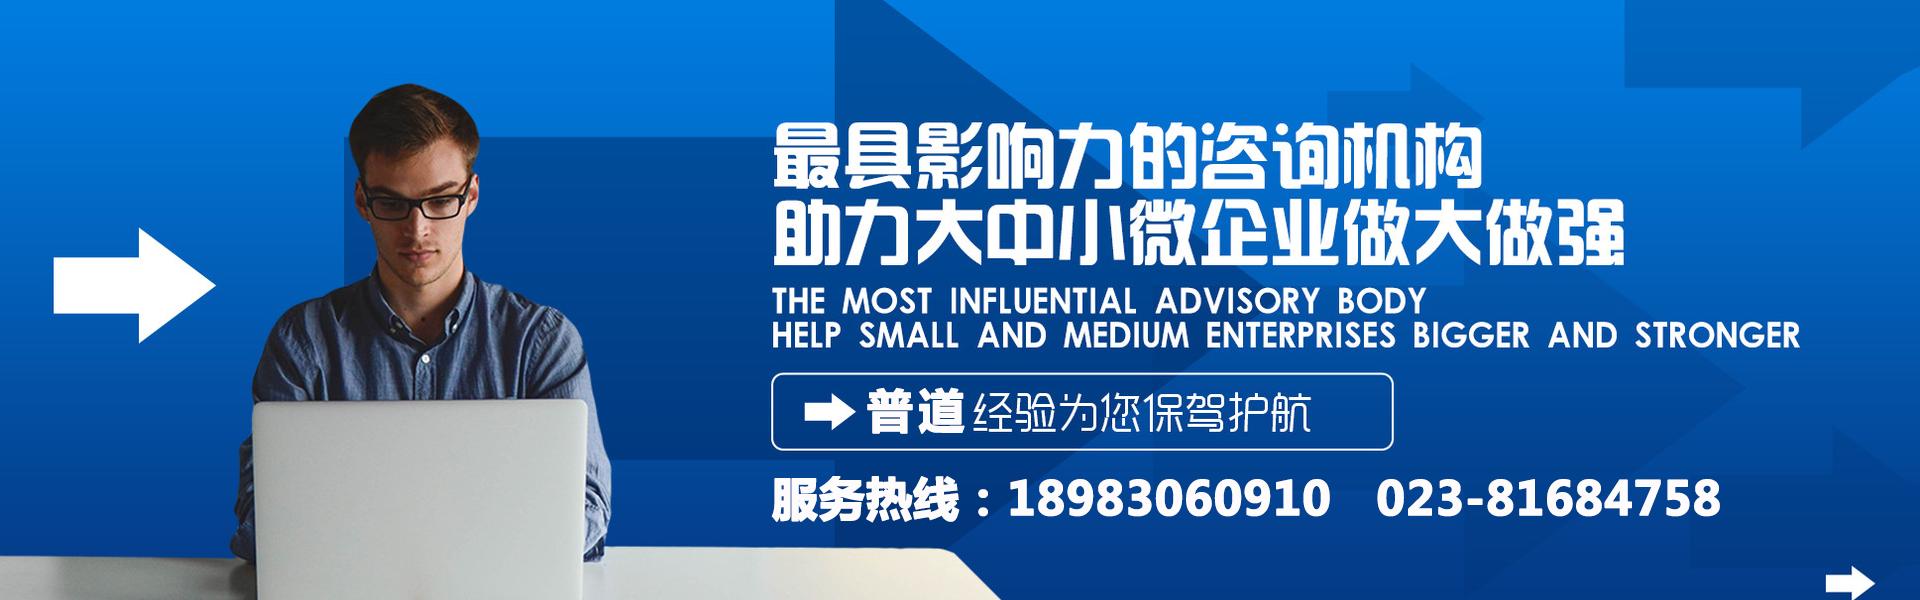 重庆ISO14001认证凭借多年经验为您保驾护航